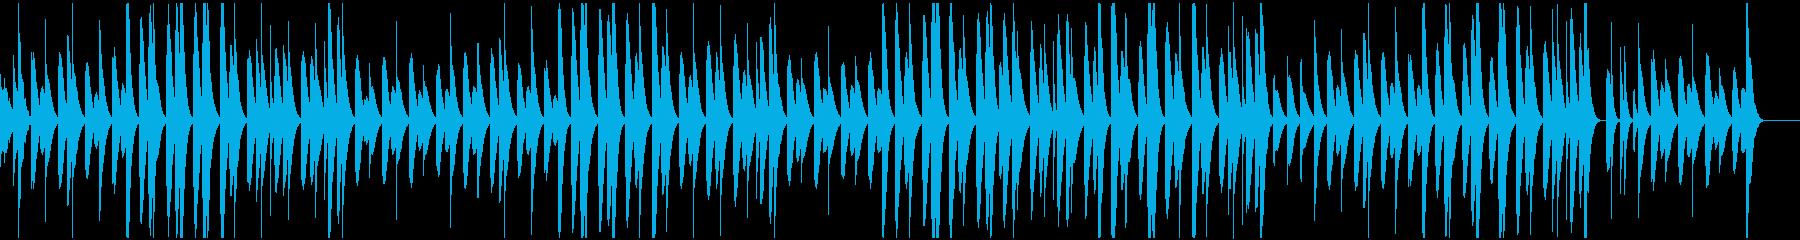 マリンバによるほのぼのとしたBGMの再生済みの波形